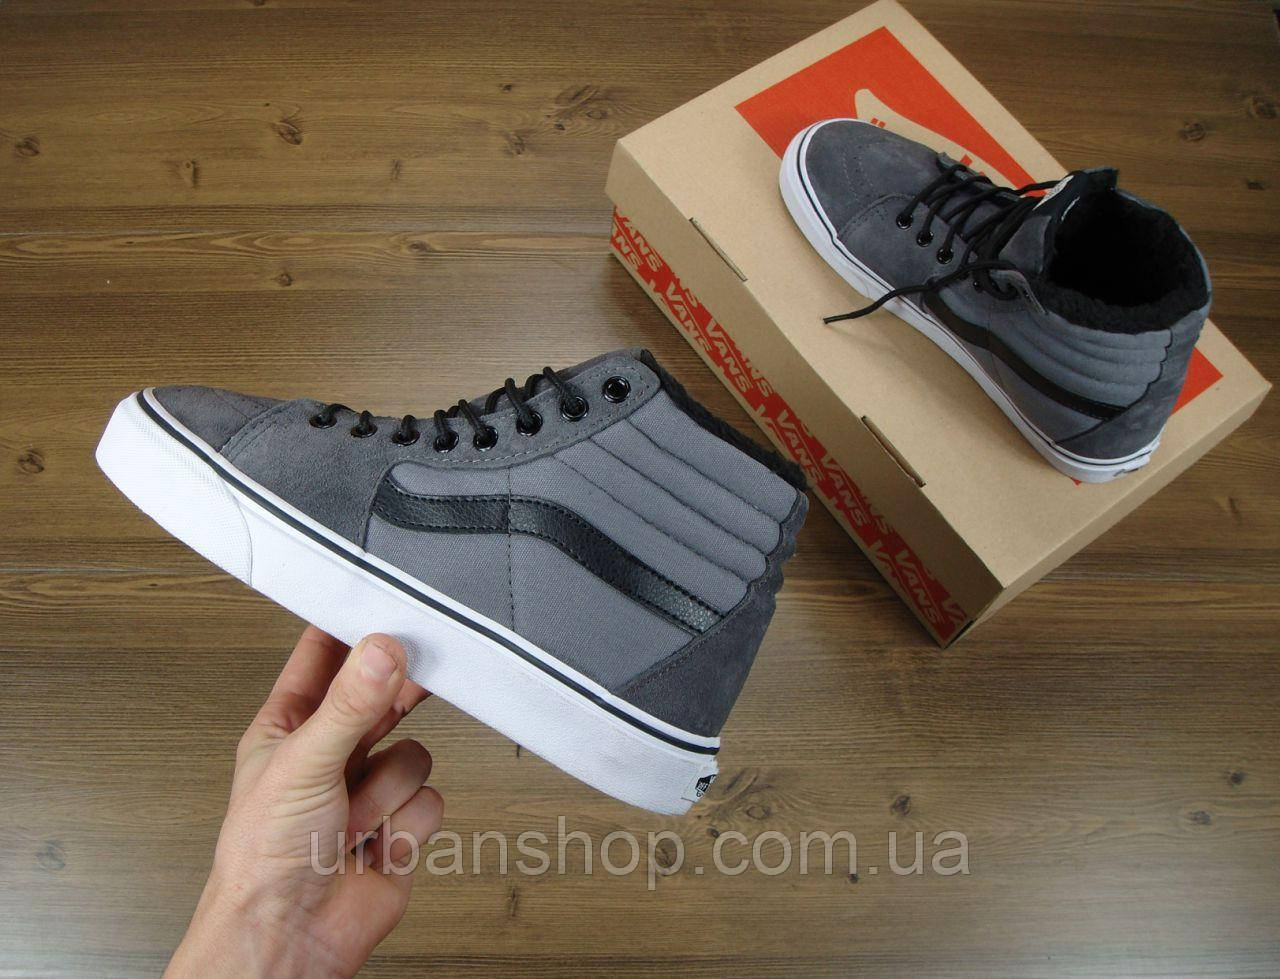 Кеди Vans SK8 - Hi. Winter Edition Grey, Зимові вансы с хутроом